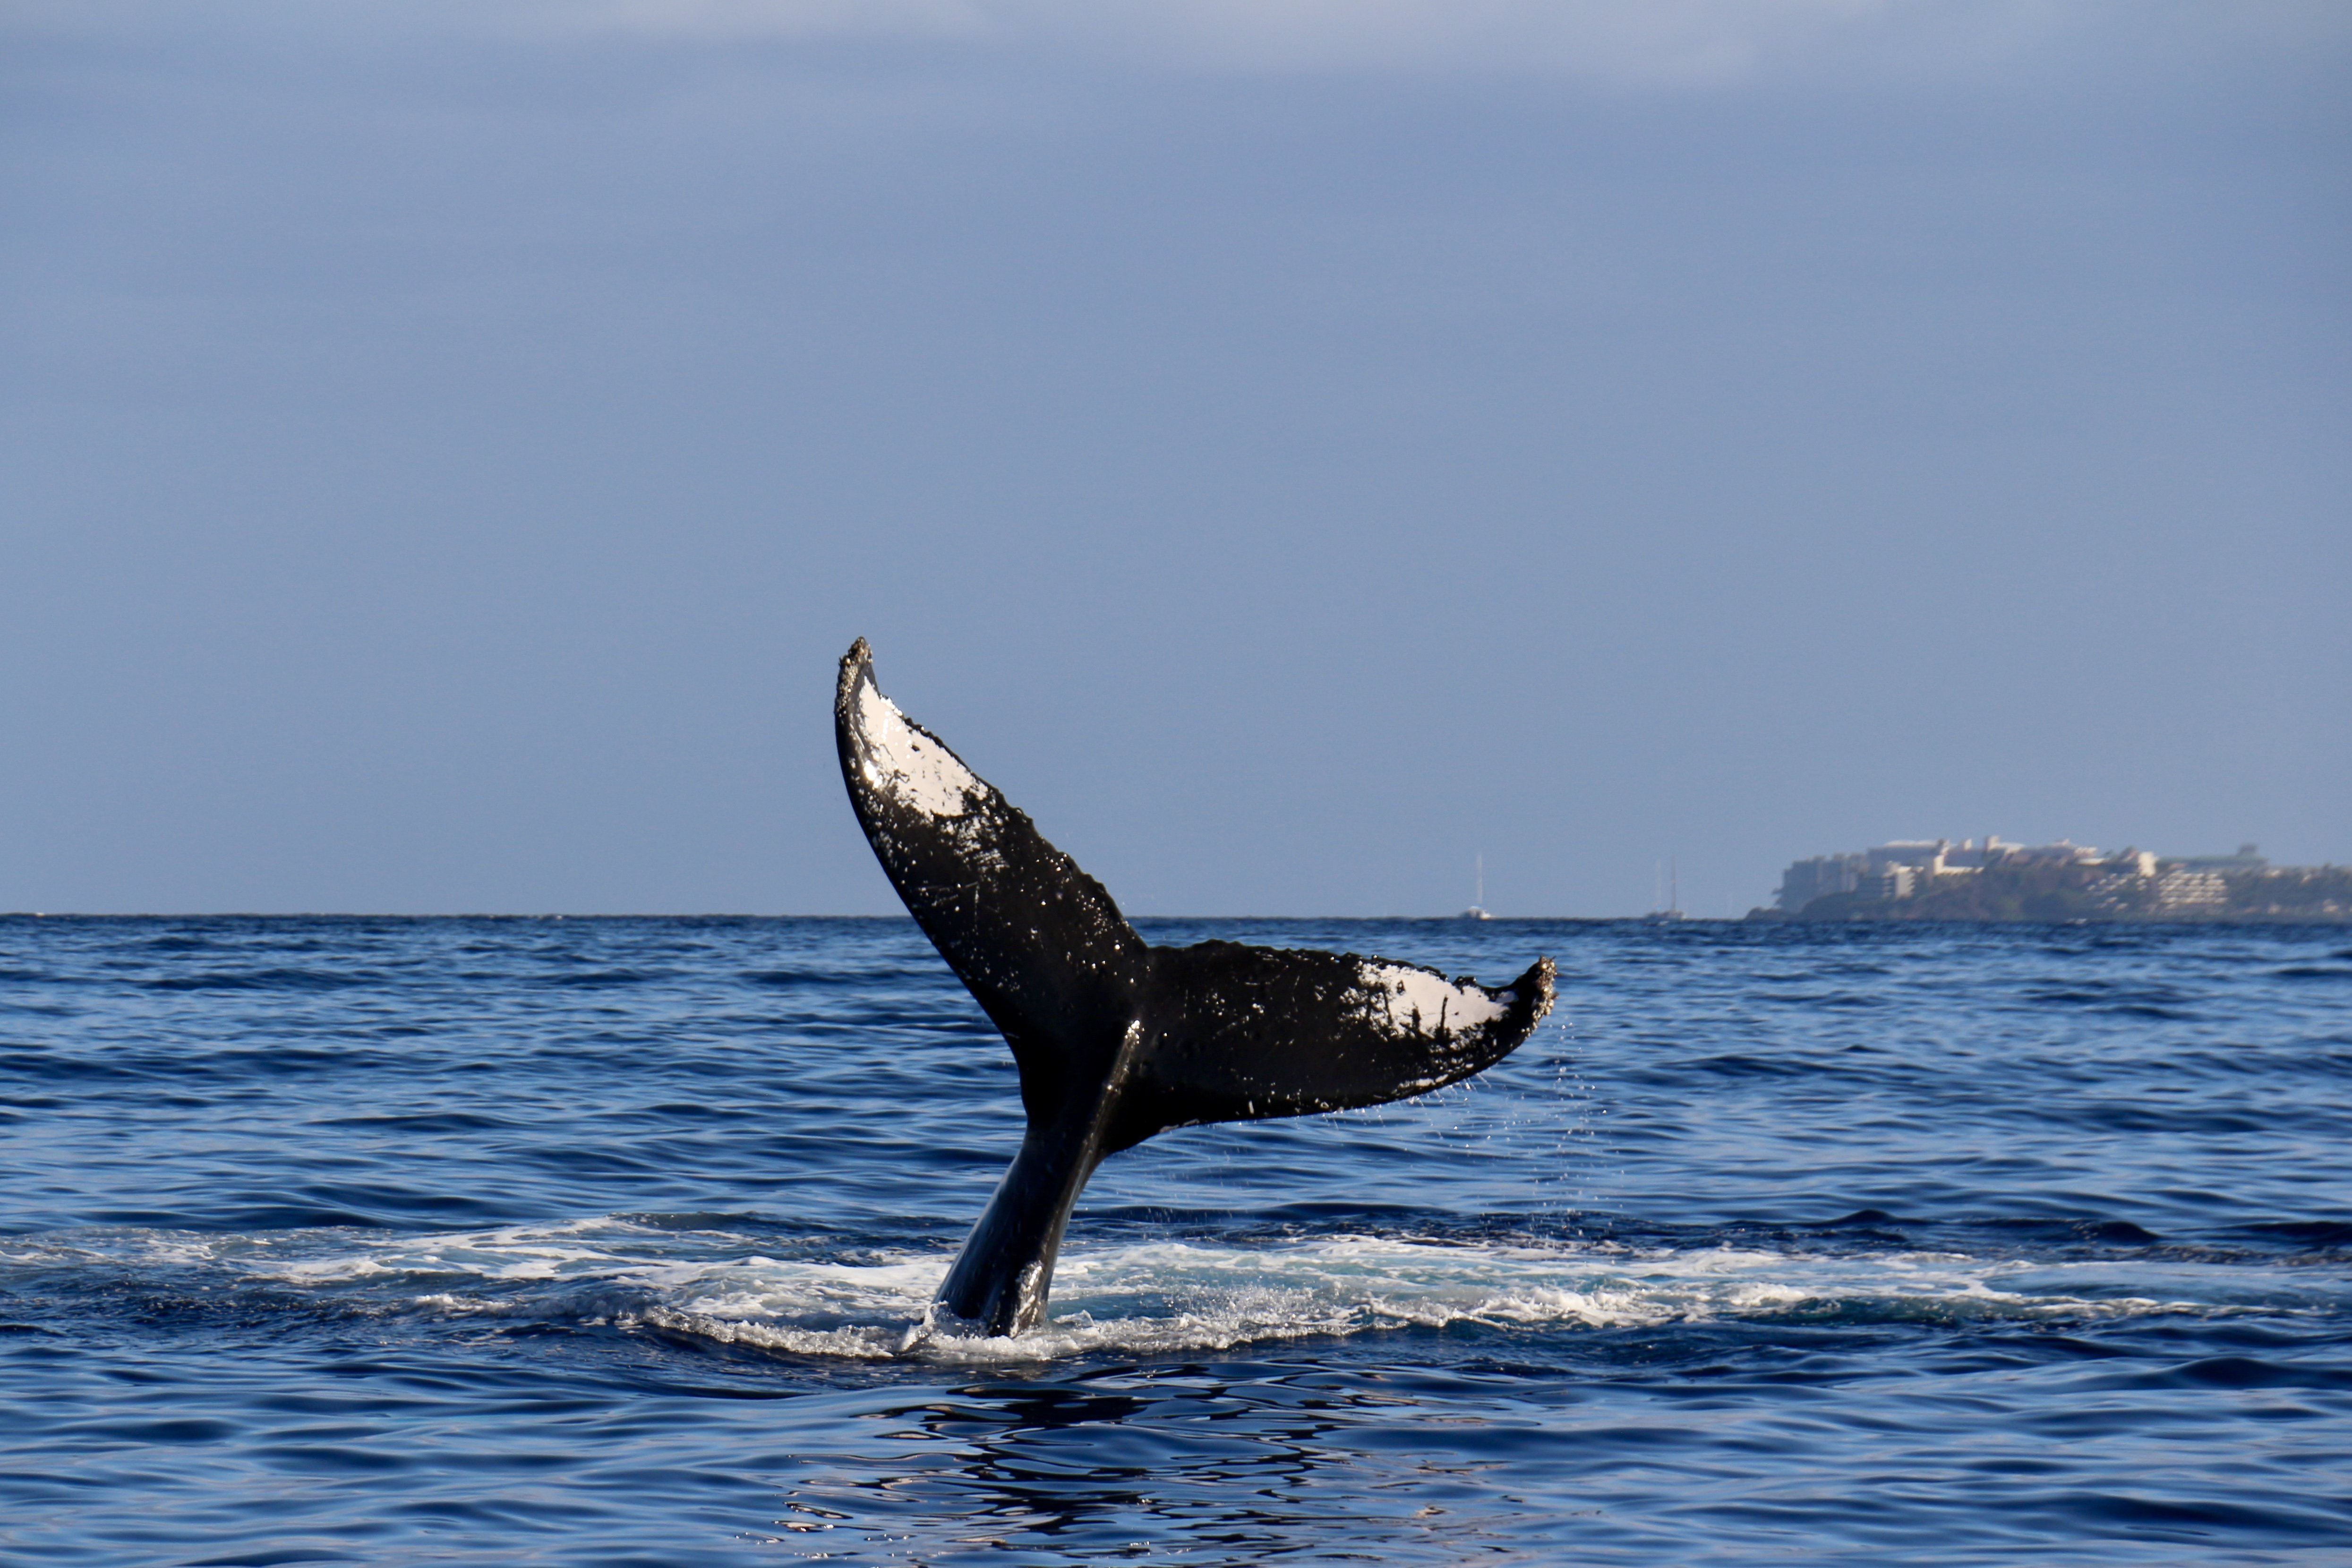 Humpback Whale flukes (tail).